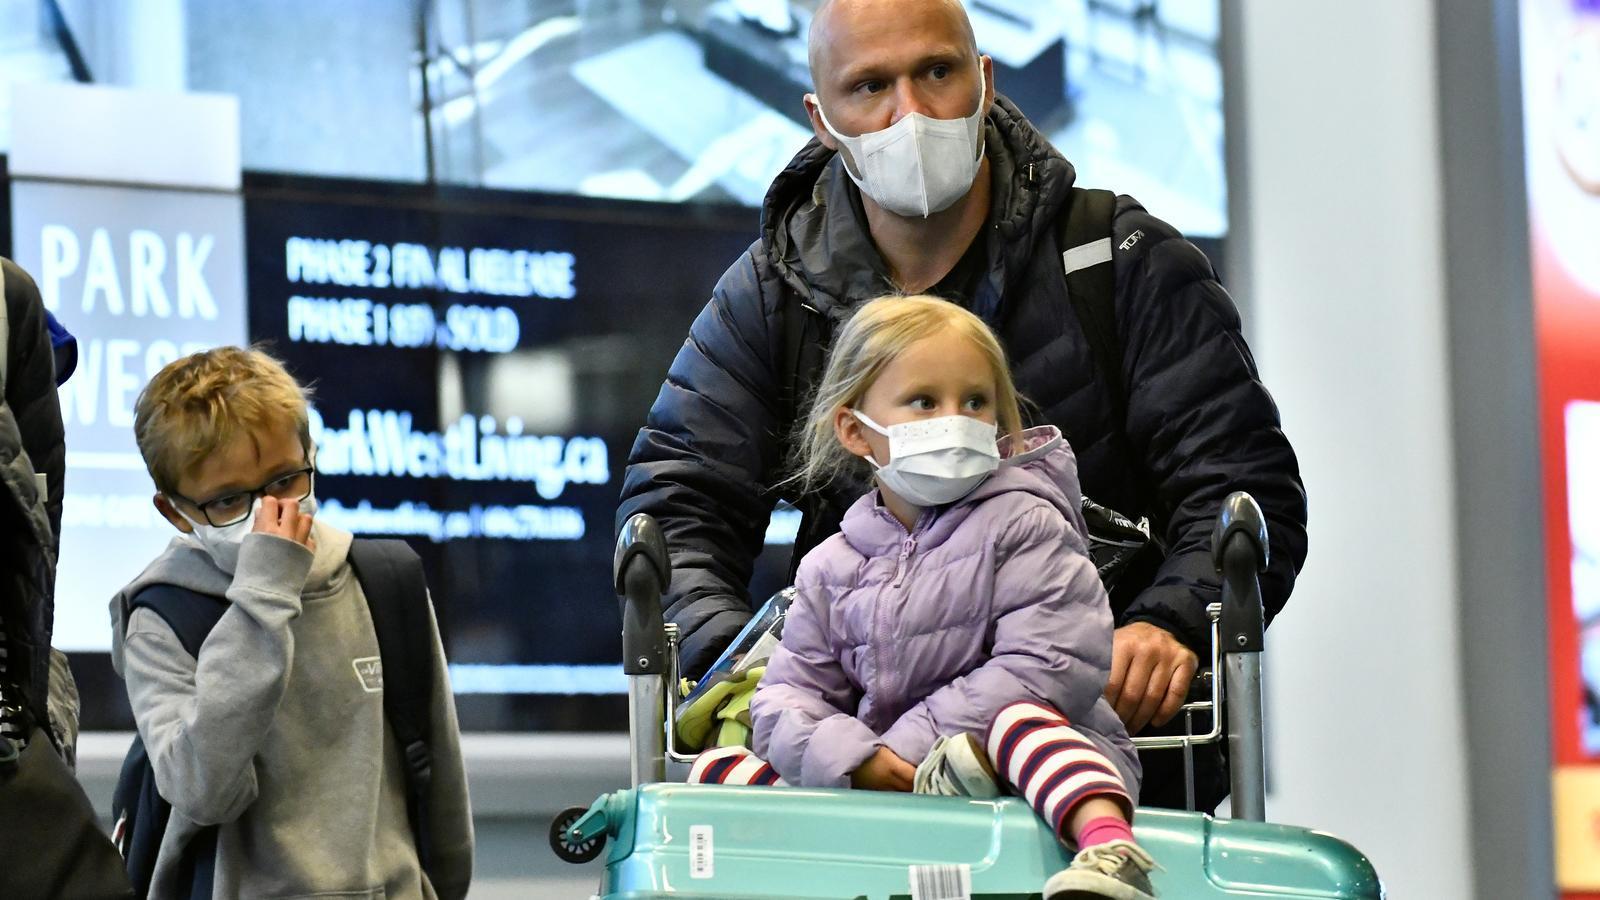 Passatgers procedents de la Xina a l'aeroport de Vancouver, al Canadà.